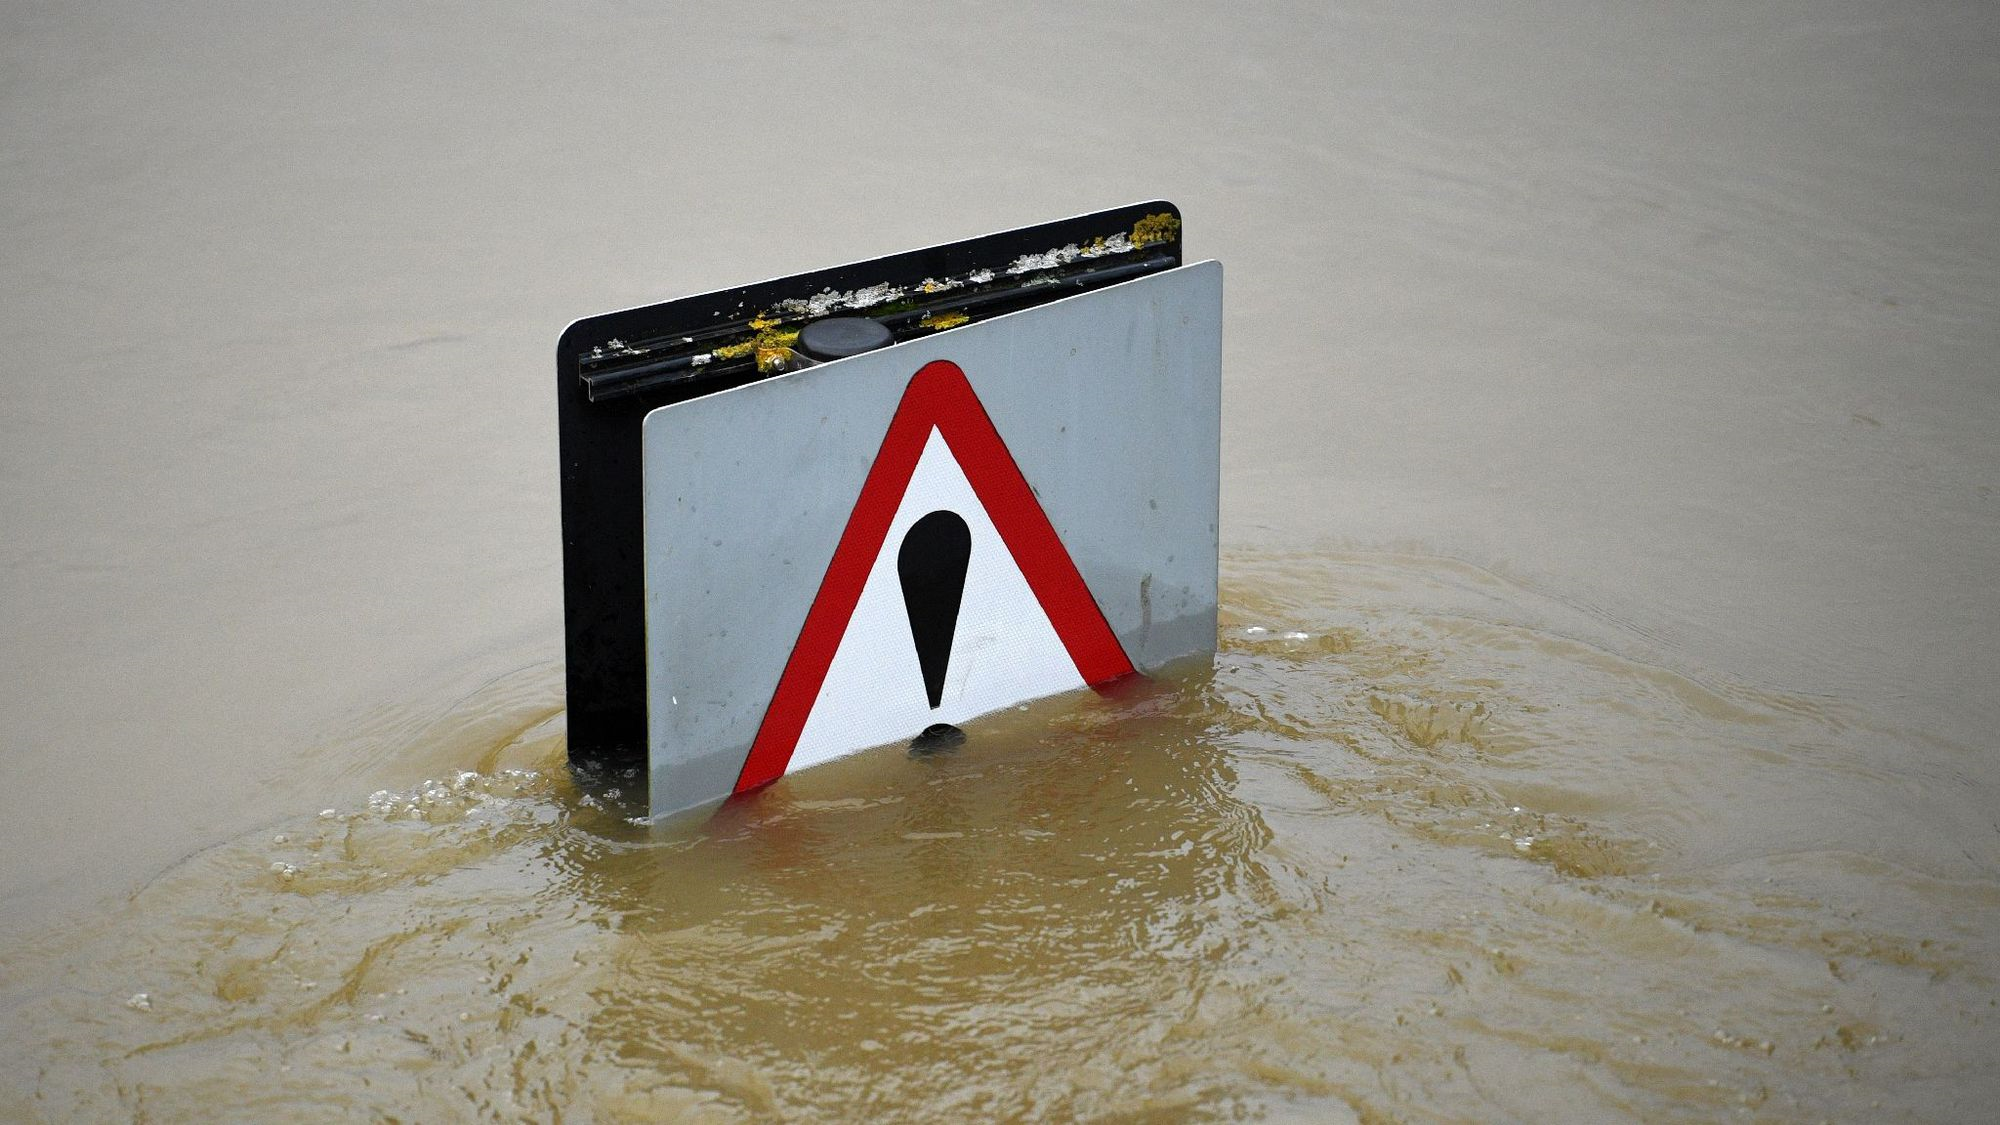 inondation-a-shrewsbury-dans-l-ouest-de-l-angleterre-apres-le-passage-de-la-tempete-christoph-le-22-janvier-2021_6291198